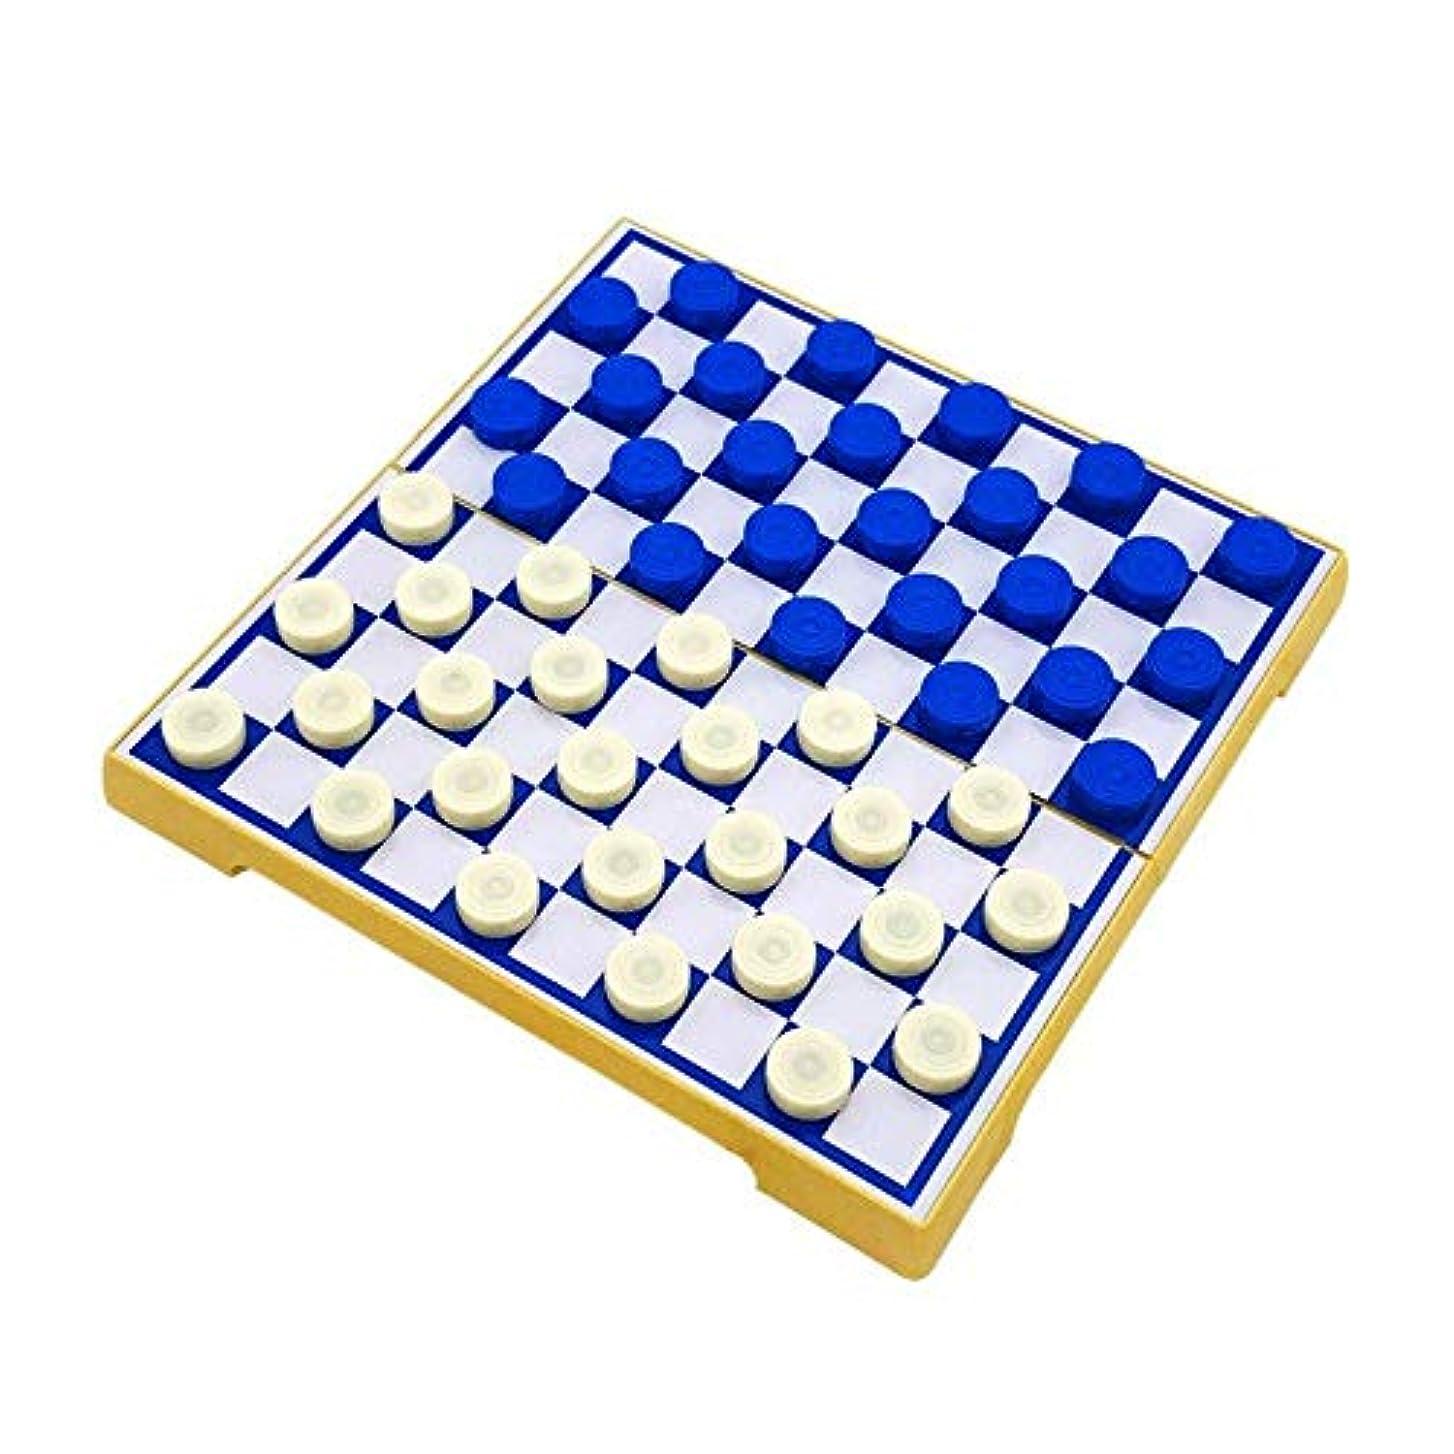 暗唱するの間に絶滅ポータブルチェス折りたたみ国際チェッカー、プラスチックマグネットチェスセットの青春エンターテイメントギフトボードゲーム